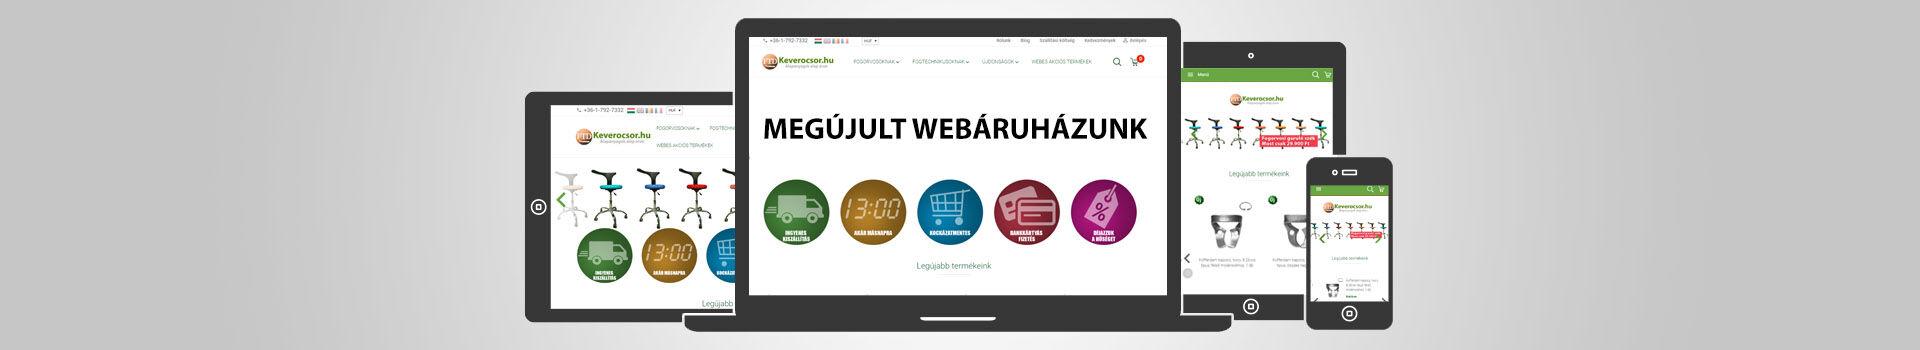 Megújult Webáruházunk